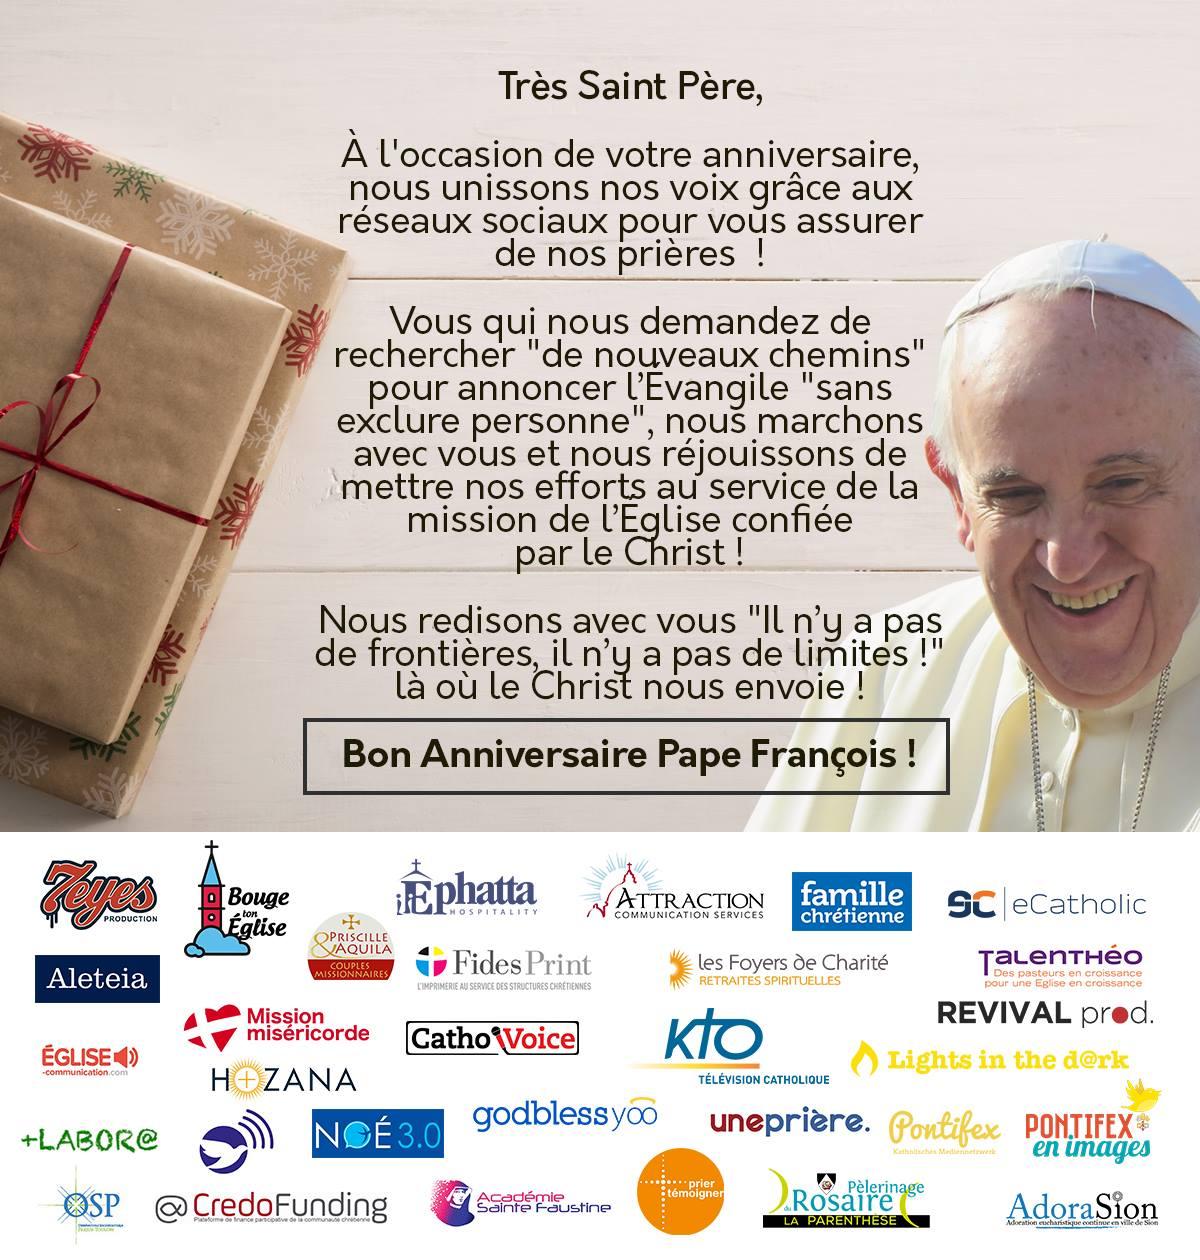 #Pontifex80